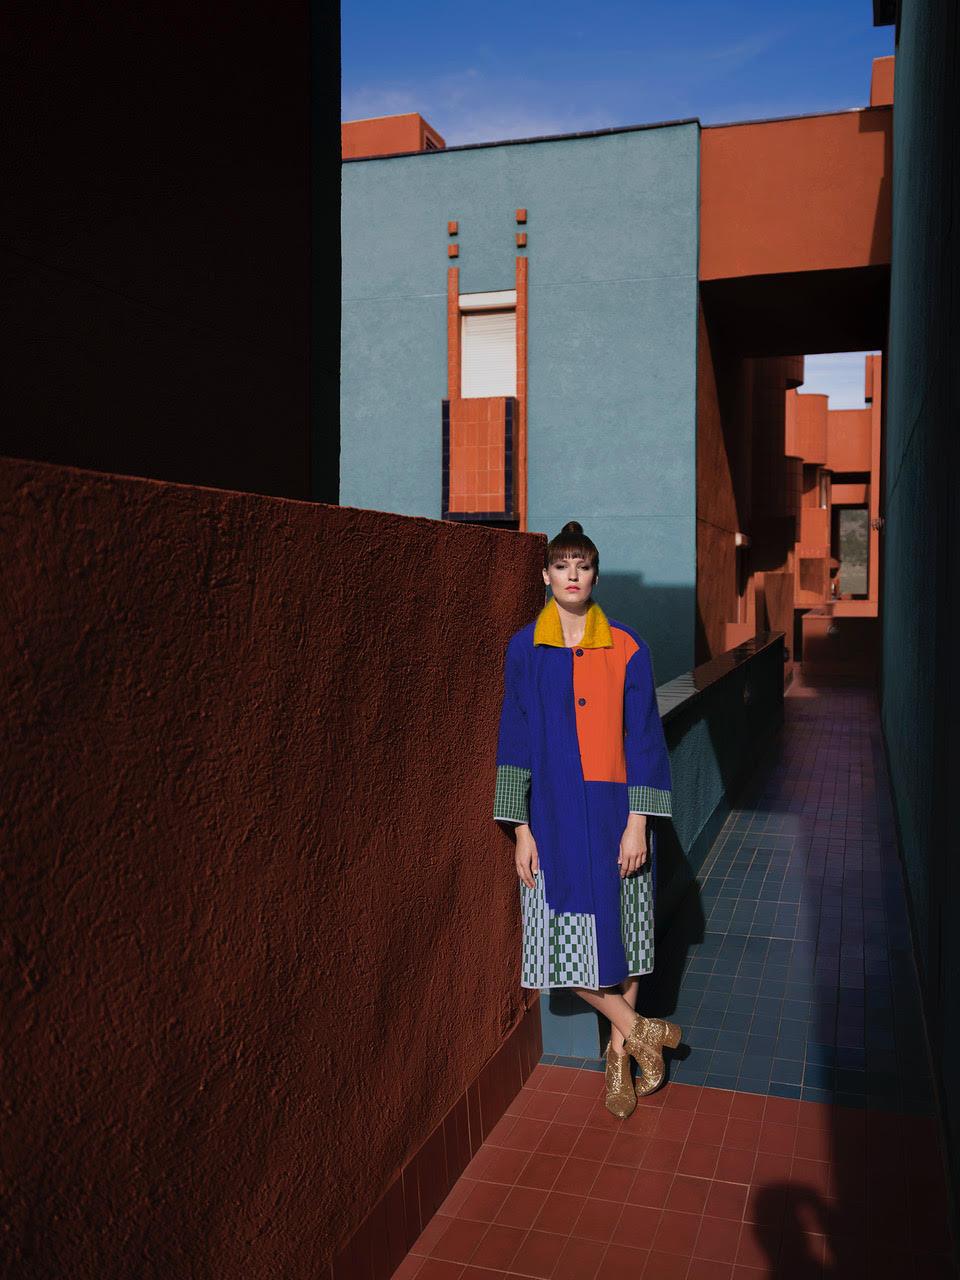 Mloda kobieta pozuje w kolorowej sukience na tle niebieskiego budynku